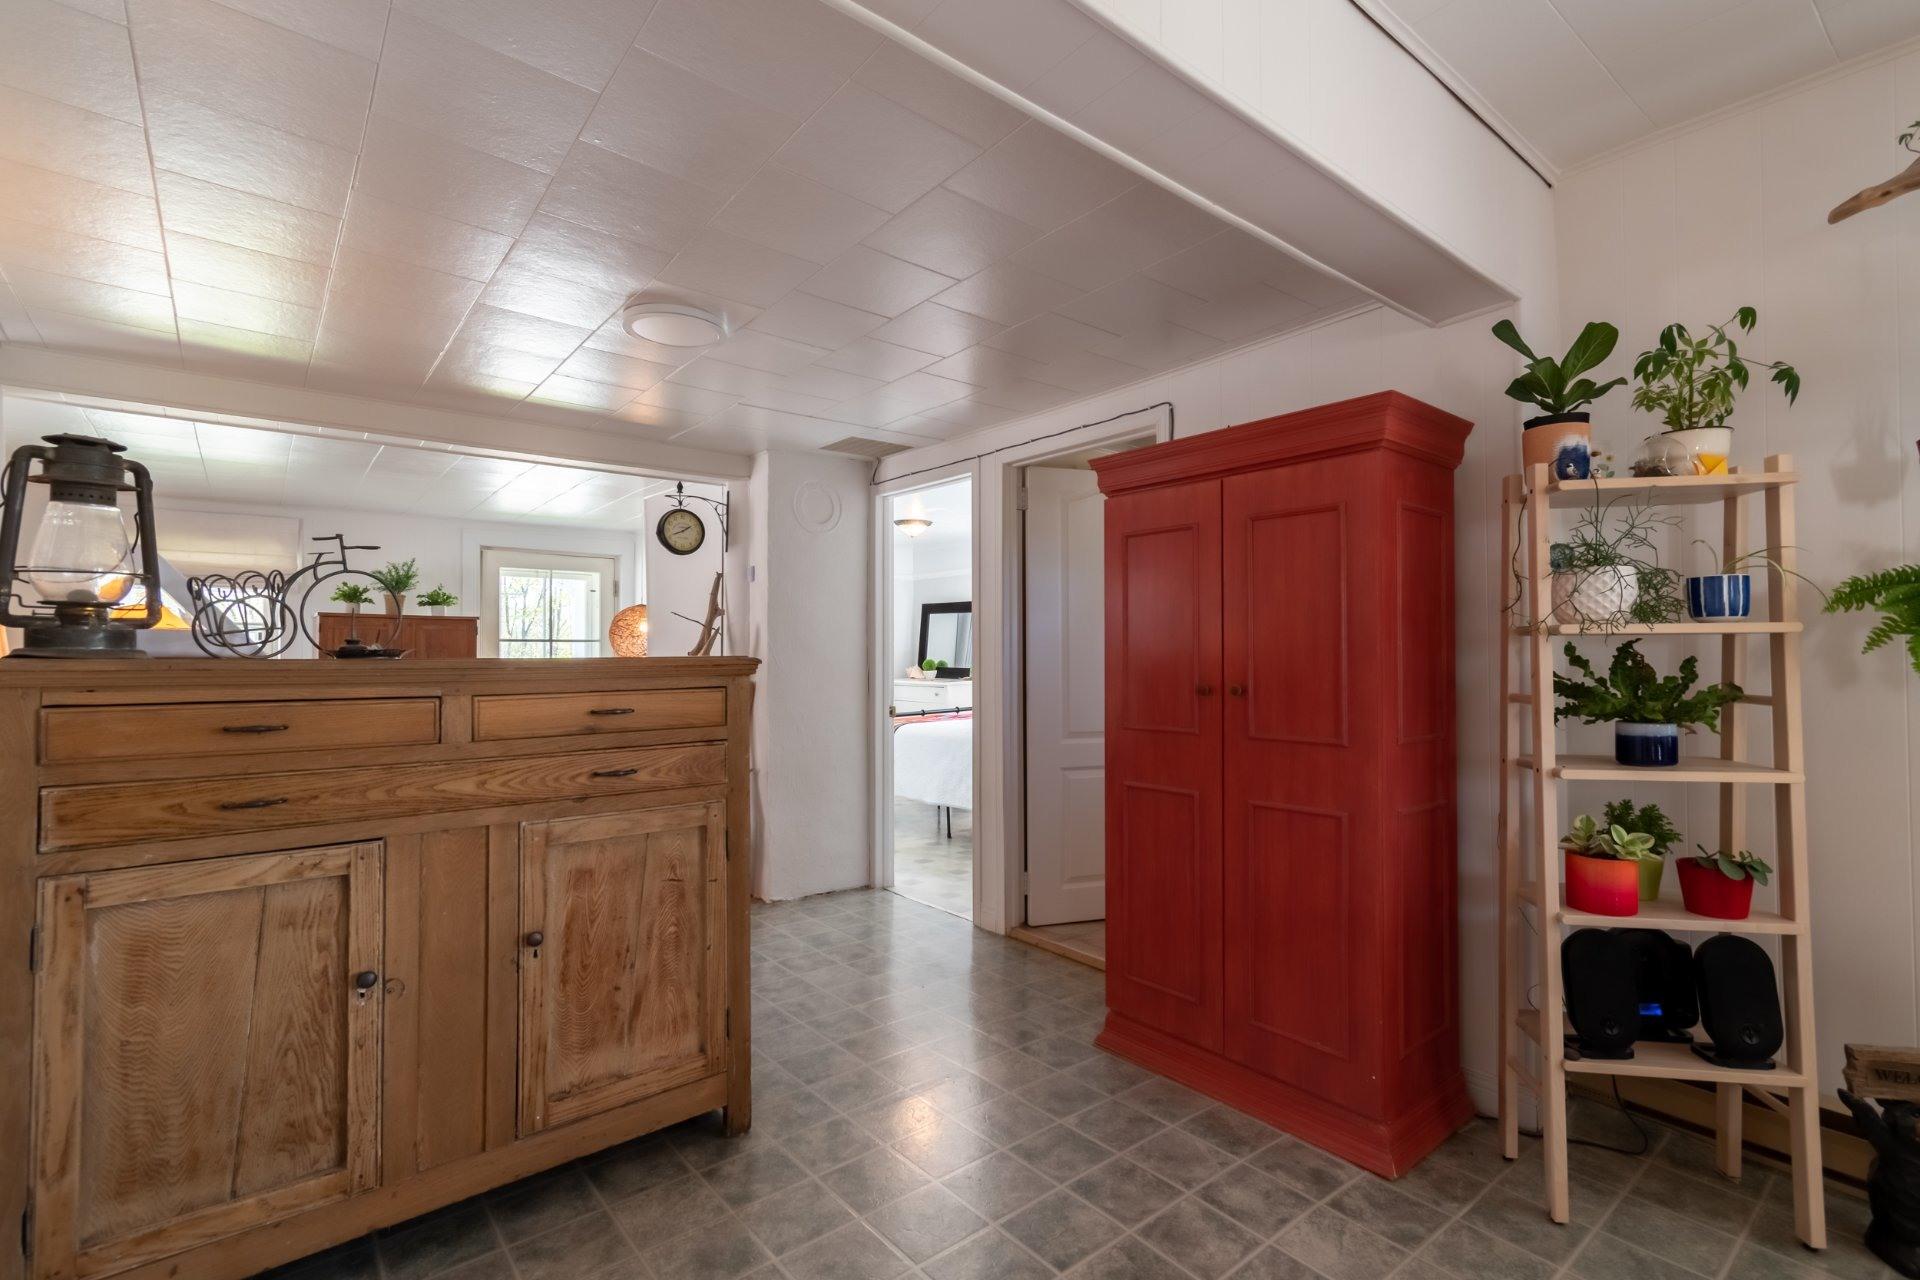 image 10 - Maison À vendre Pont-Rouge - 8 pièces